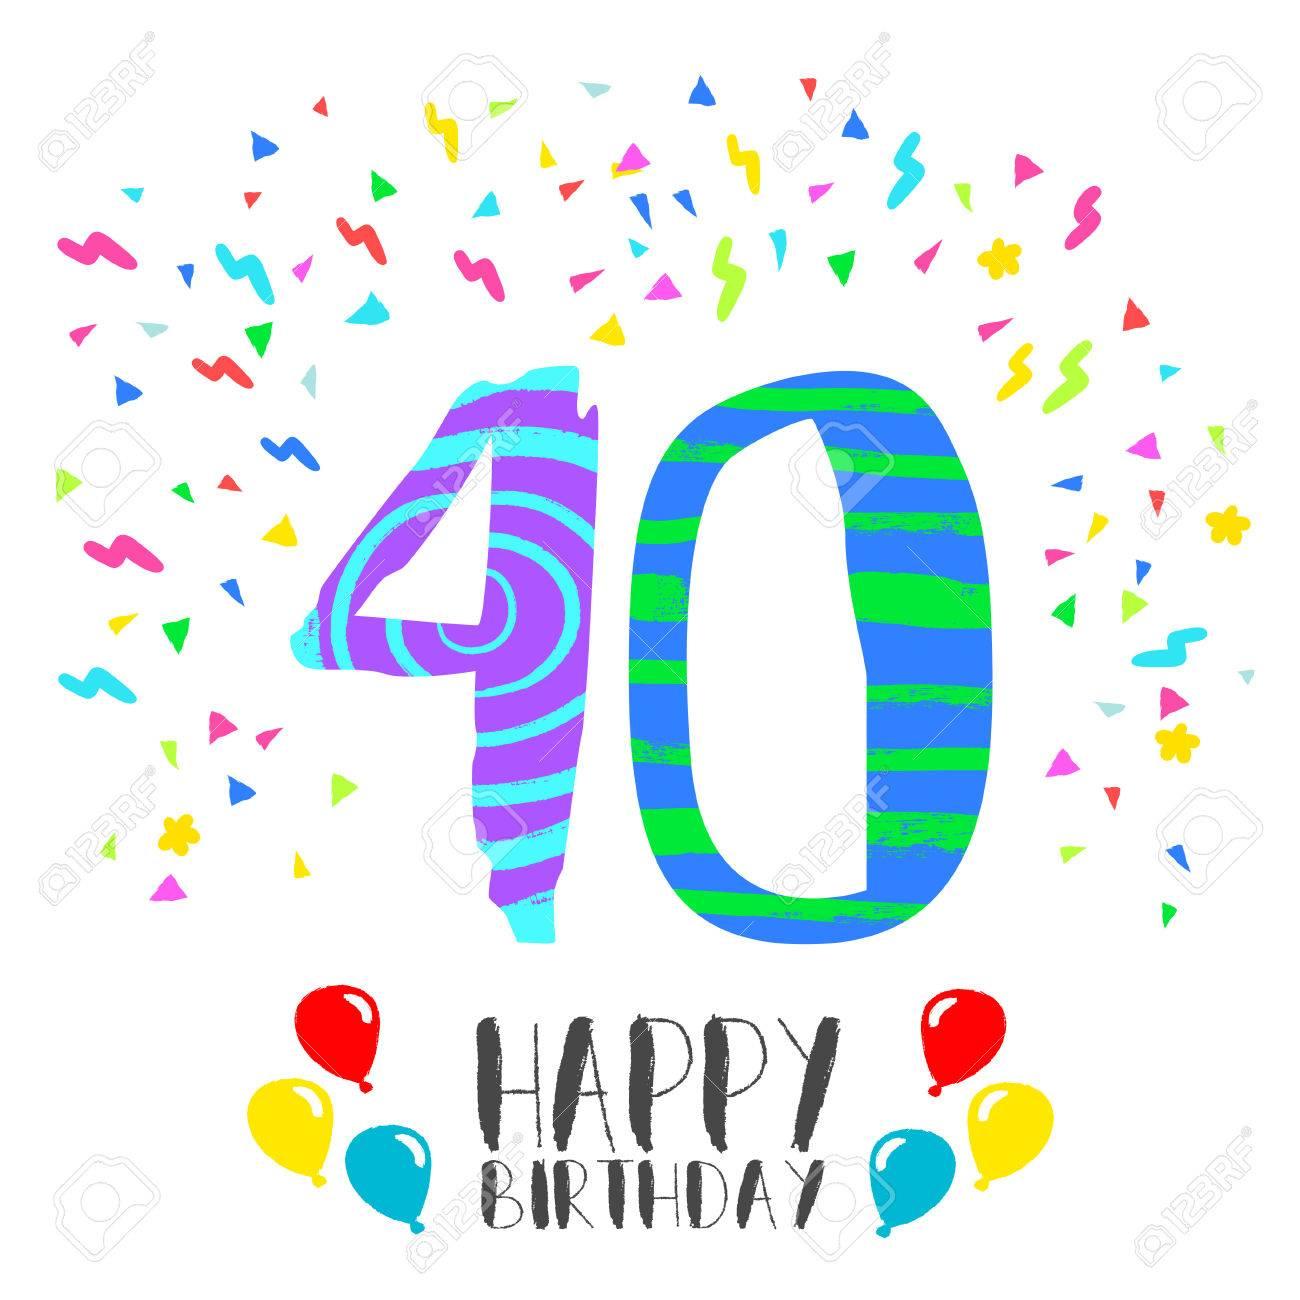 Número 40 Del Feliz Cumpleaños Tarjeta De Felicitación Durante Cuarenta Años En El Estilo Del Arte De La Diversión Con Confeti Partido Invitación